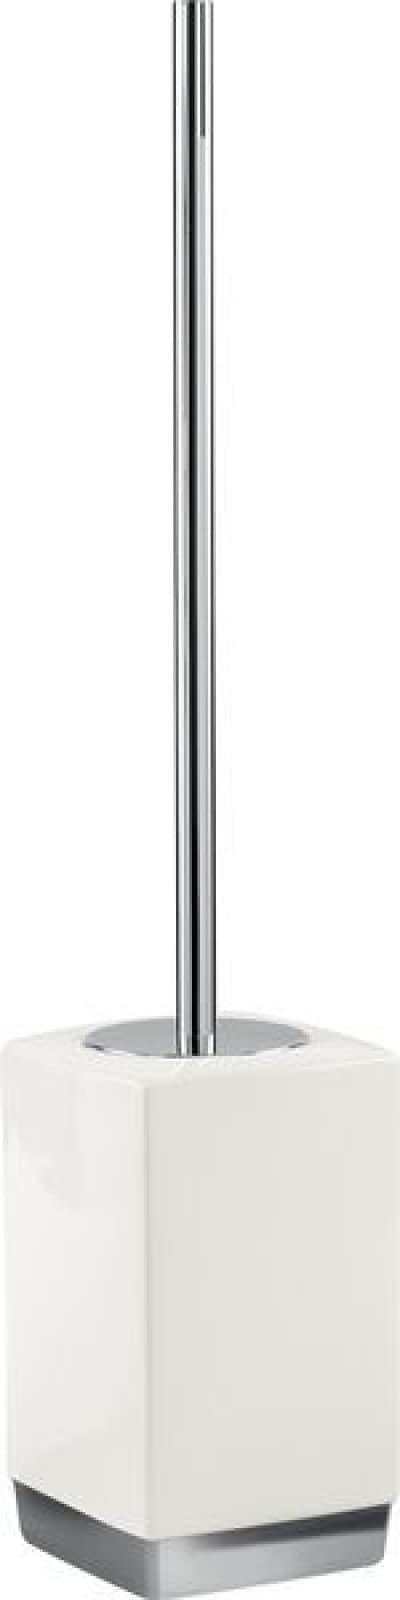 Gedy G-Lucy, напольный керамический ёршик для унитаза, цвет хром - белая керамика LY33(02)